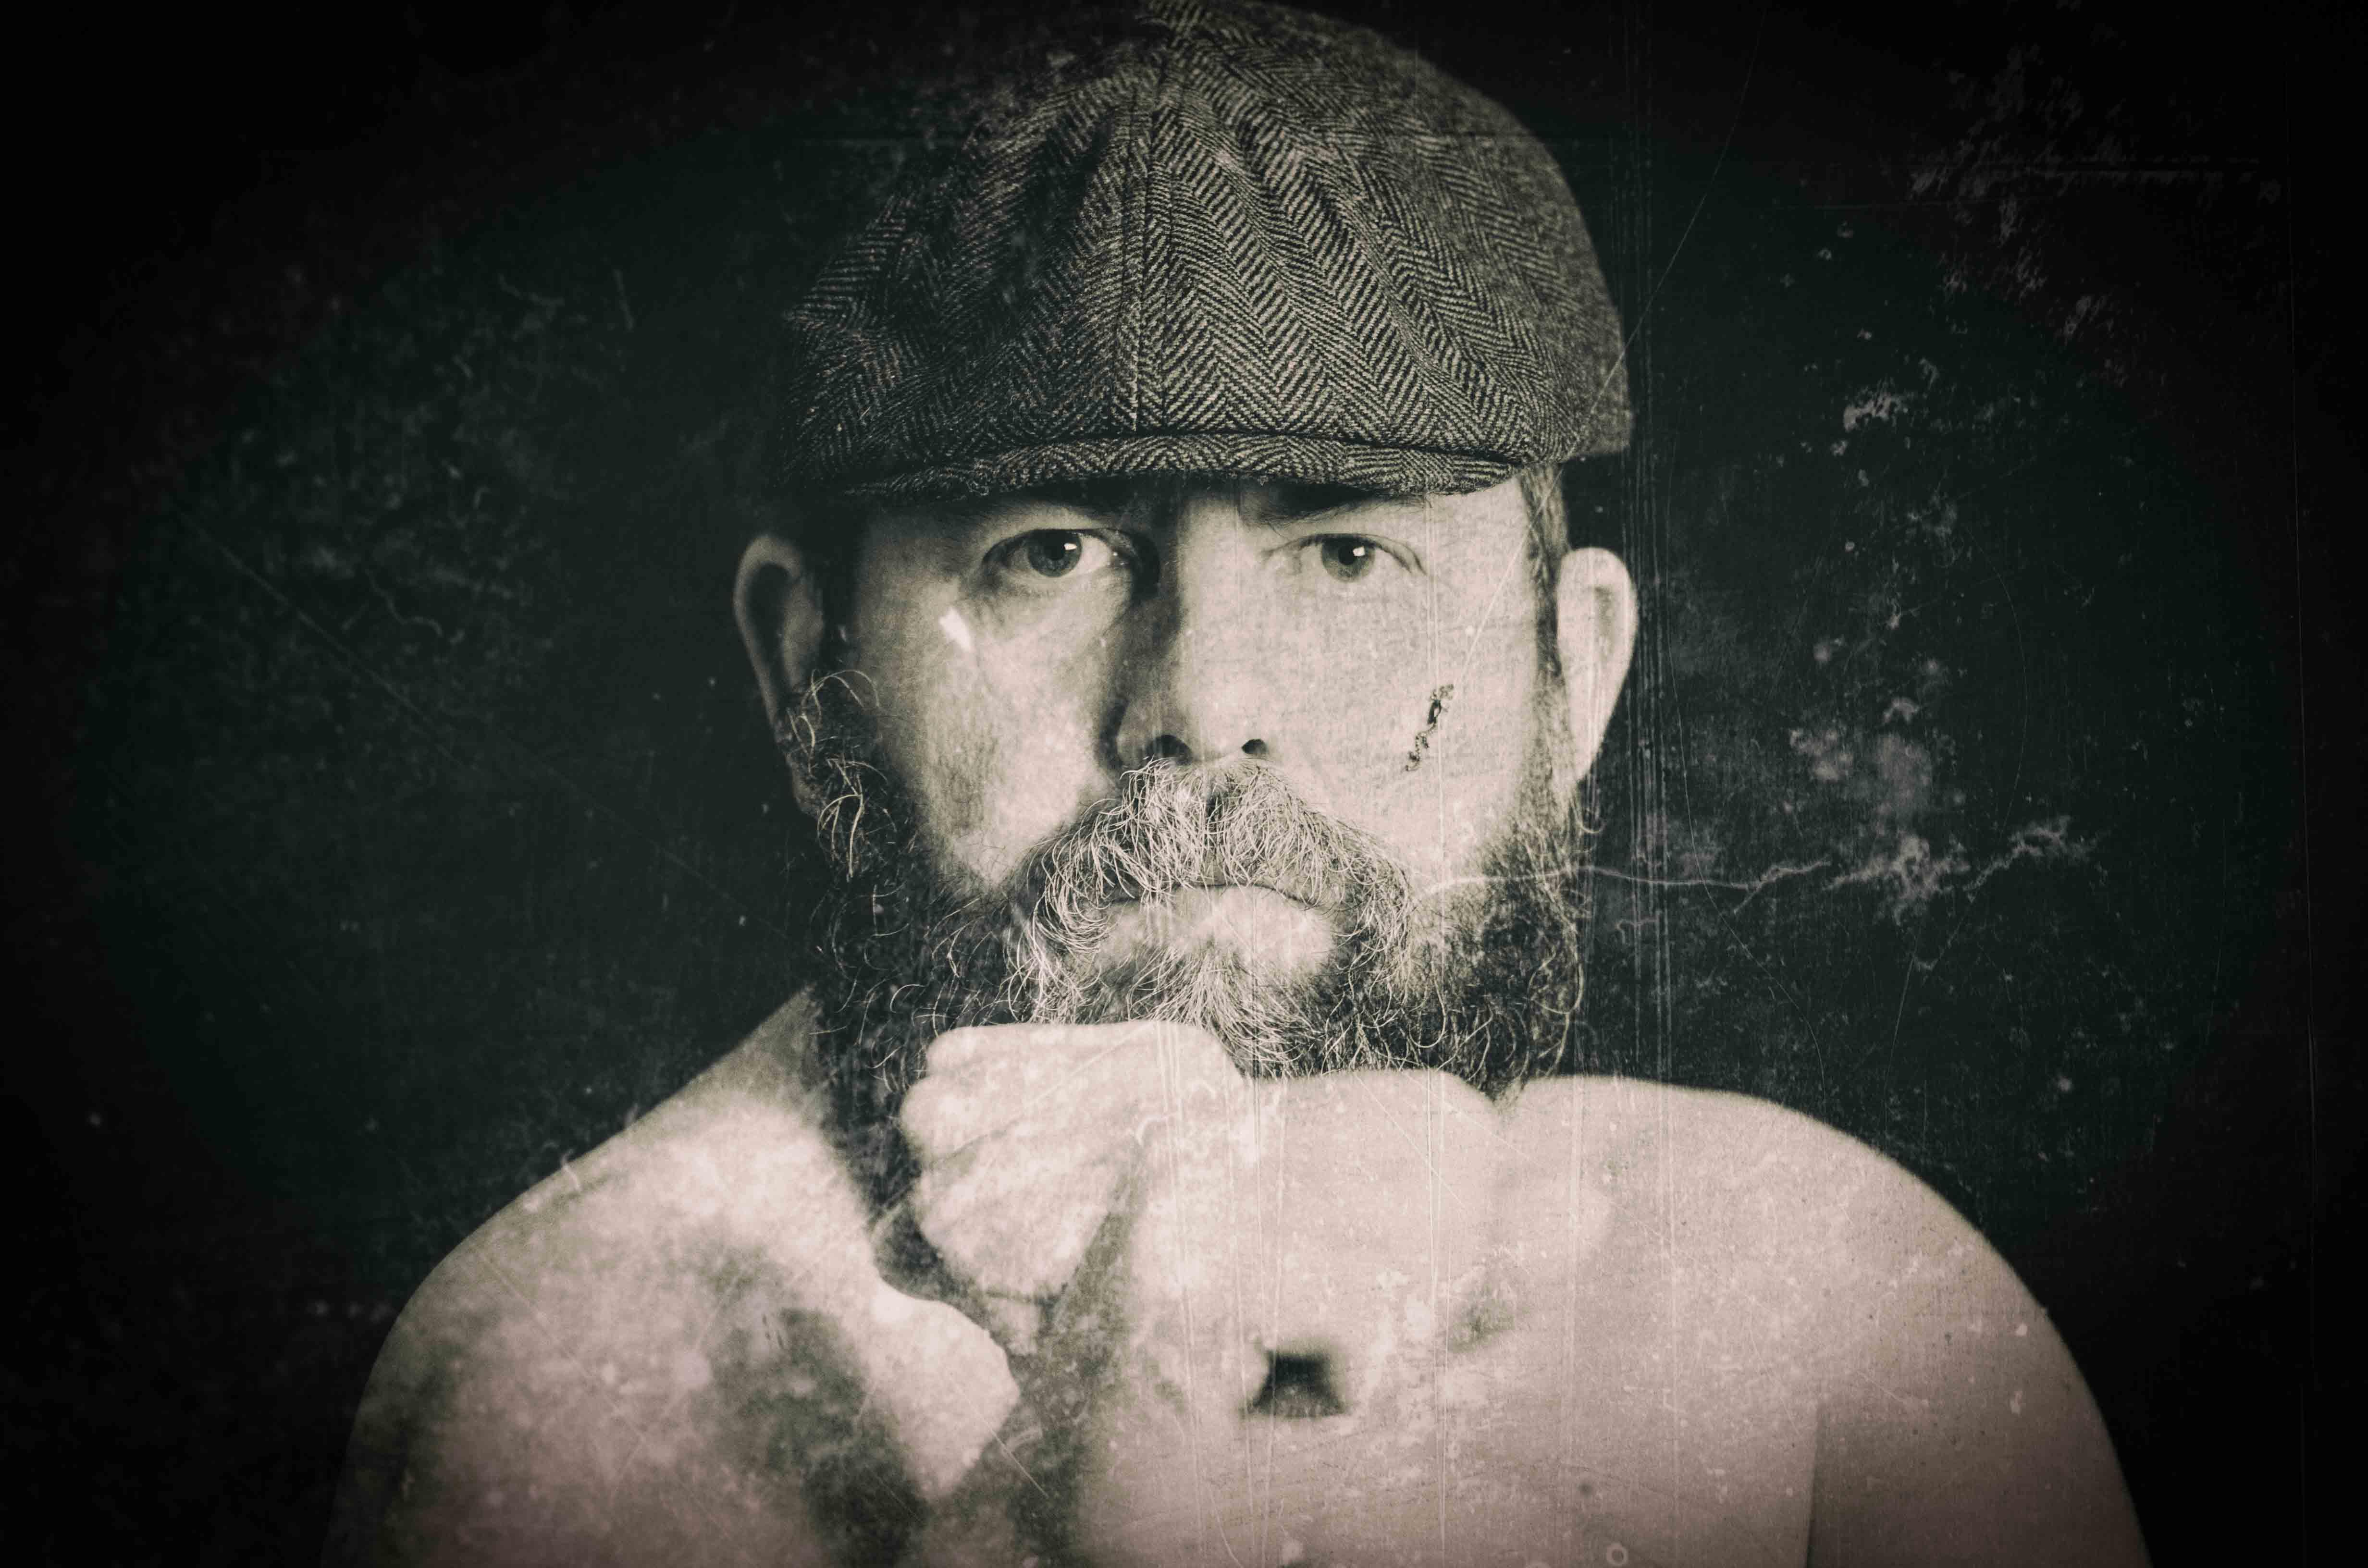 Male portrait flat cap